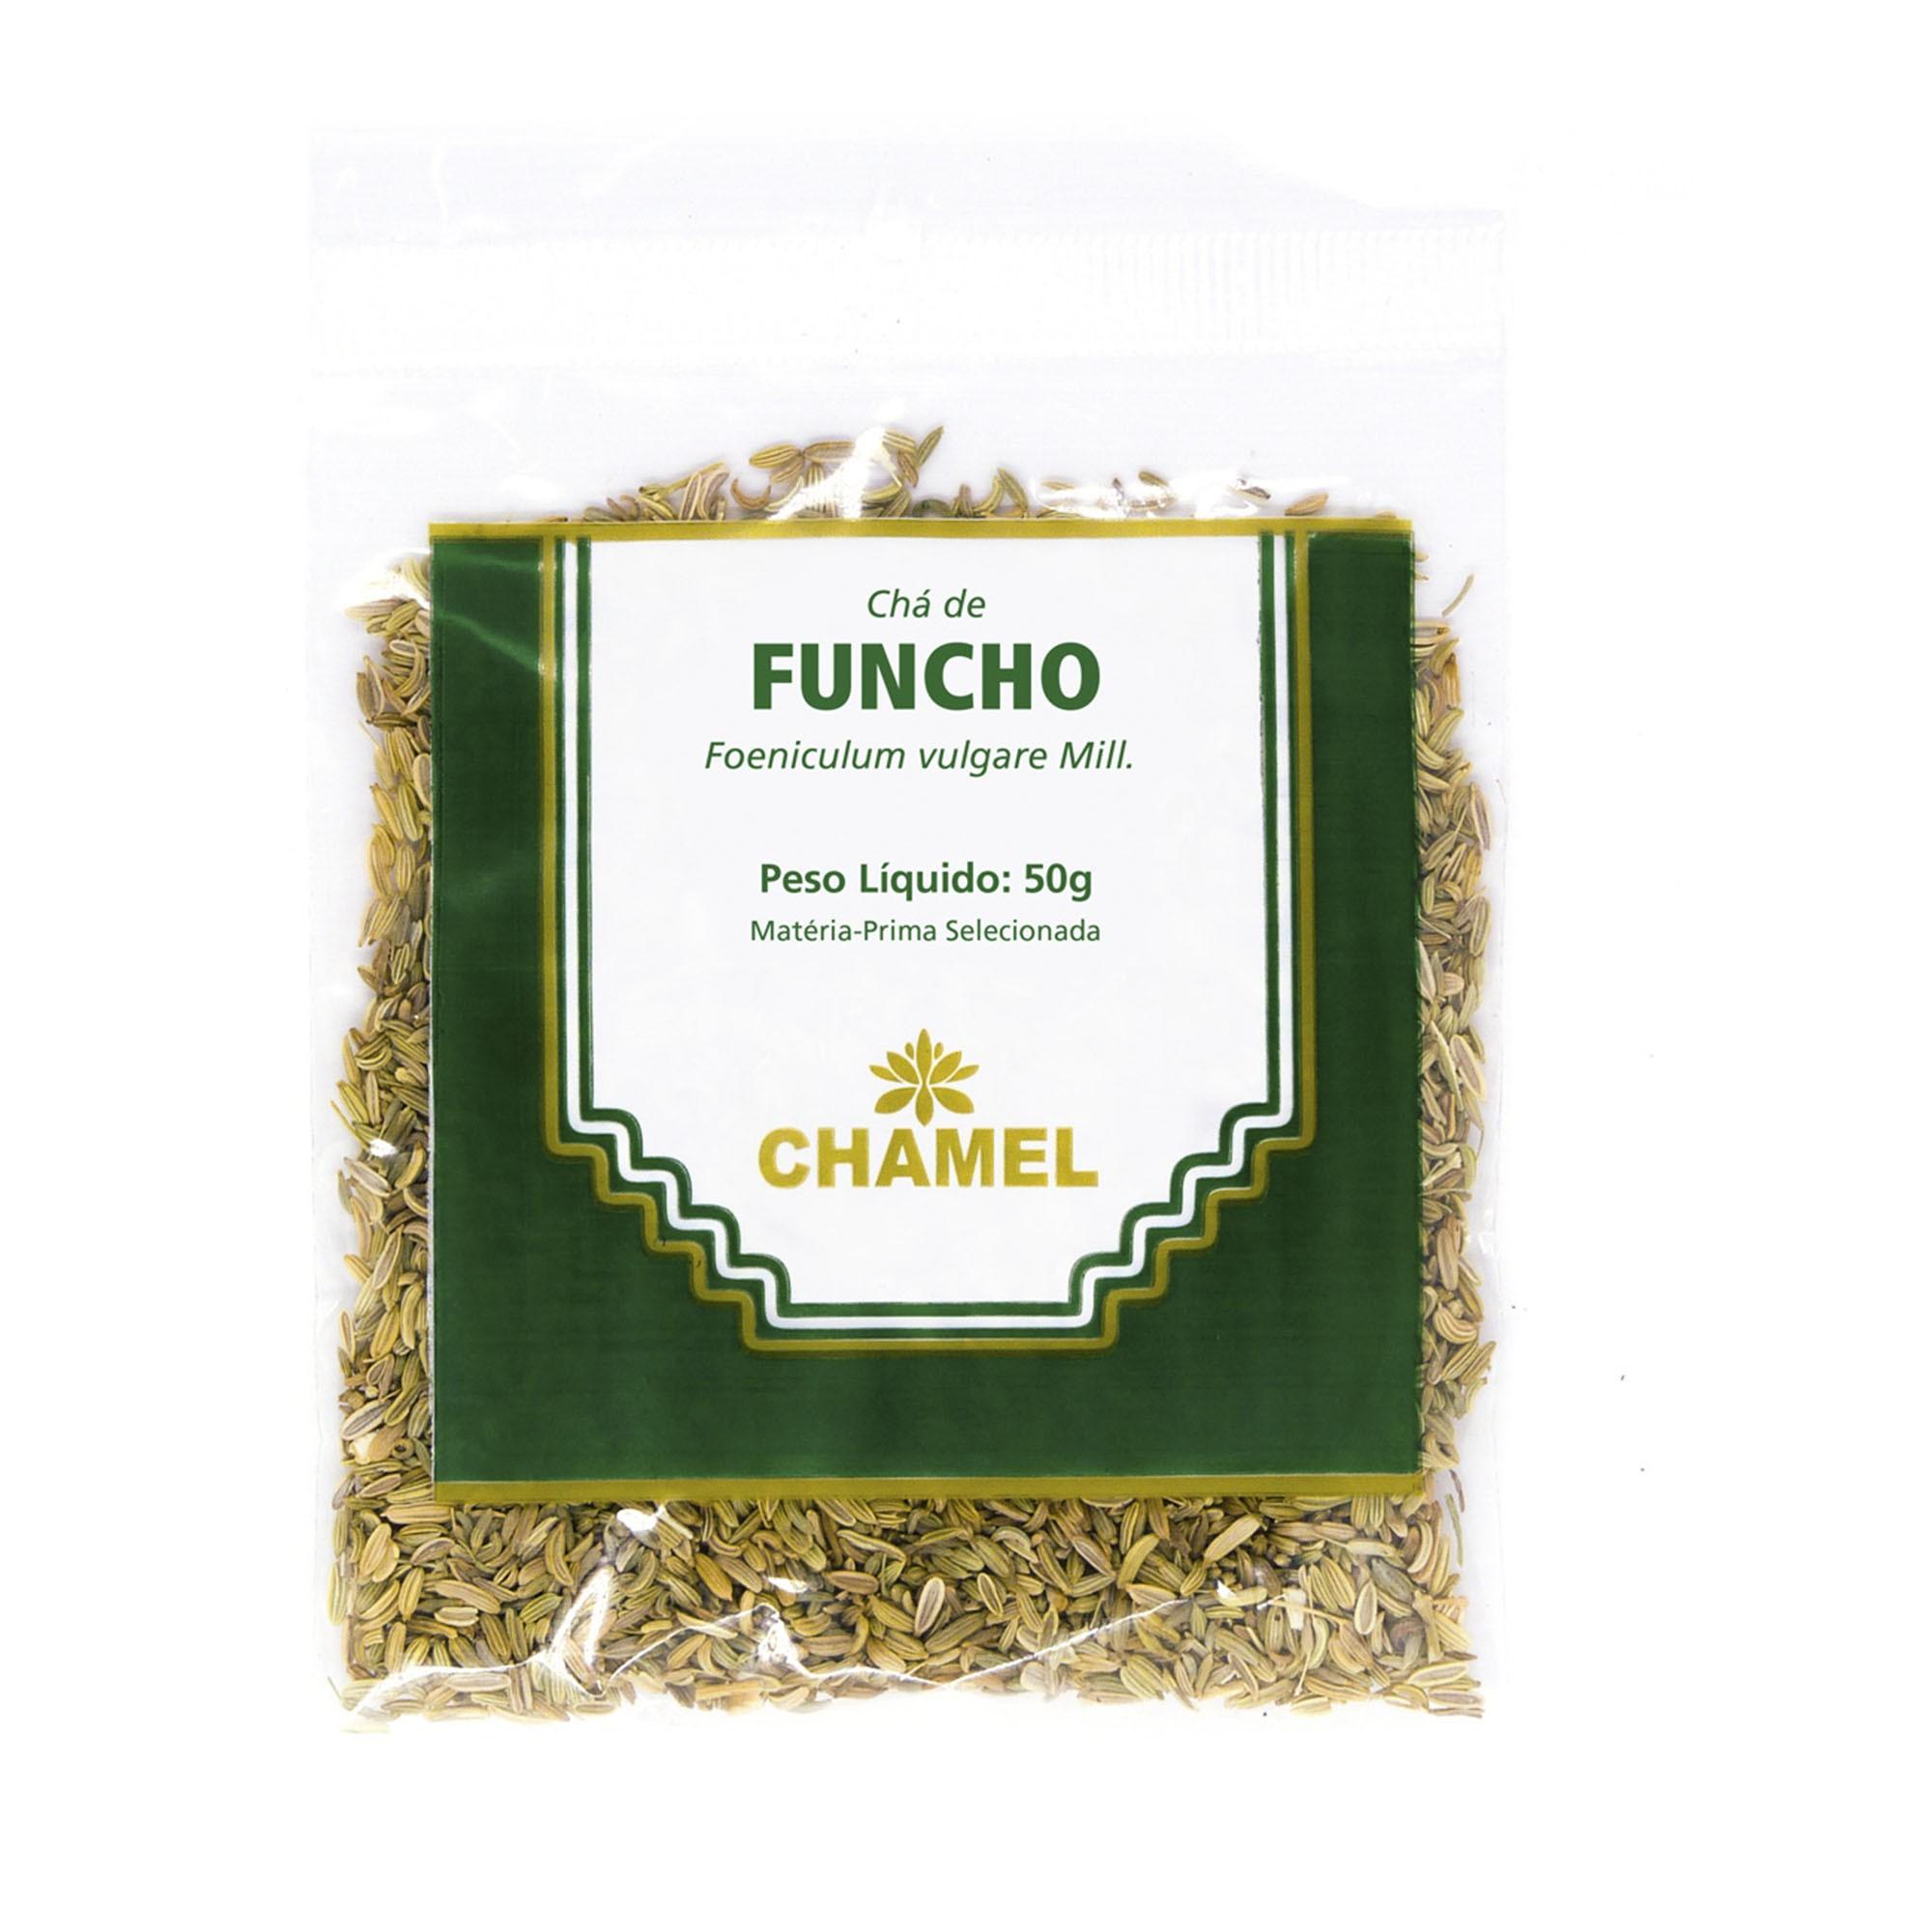 Funcho 50g Chamel - Chá-Sementes